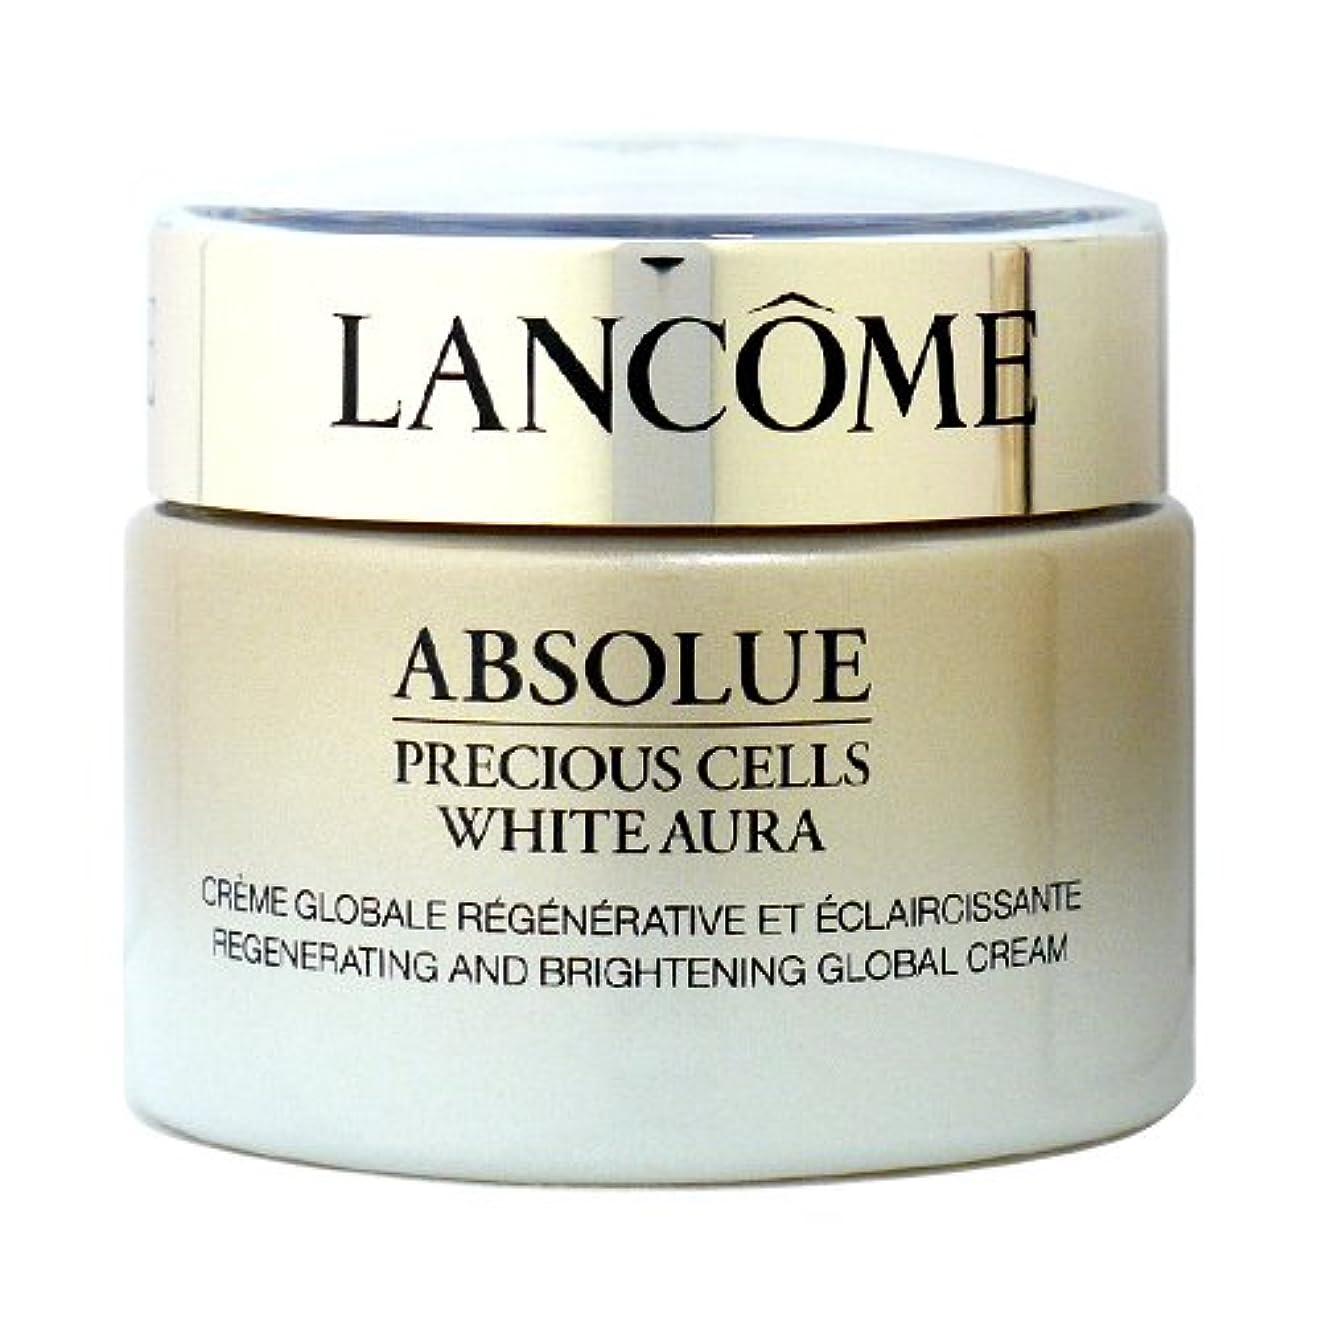 潤滑する姿を消す長さランコム アプソリュ プレシャスセル ホワイトオーラ クリーム N 50ml